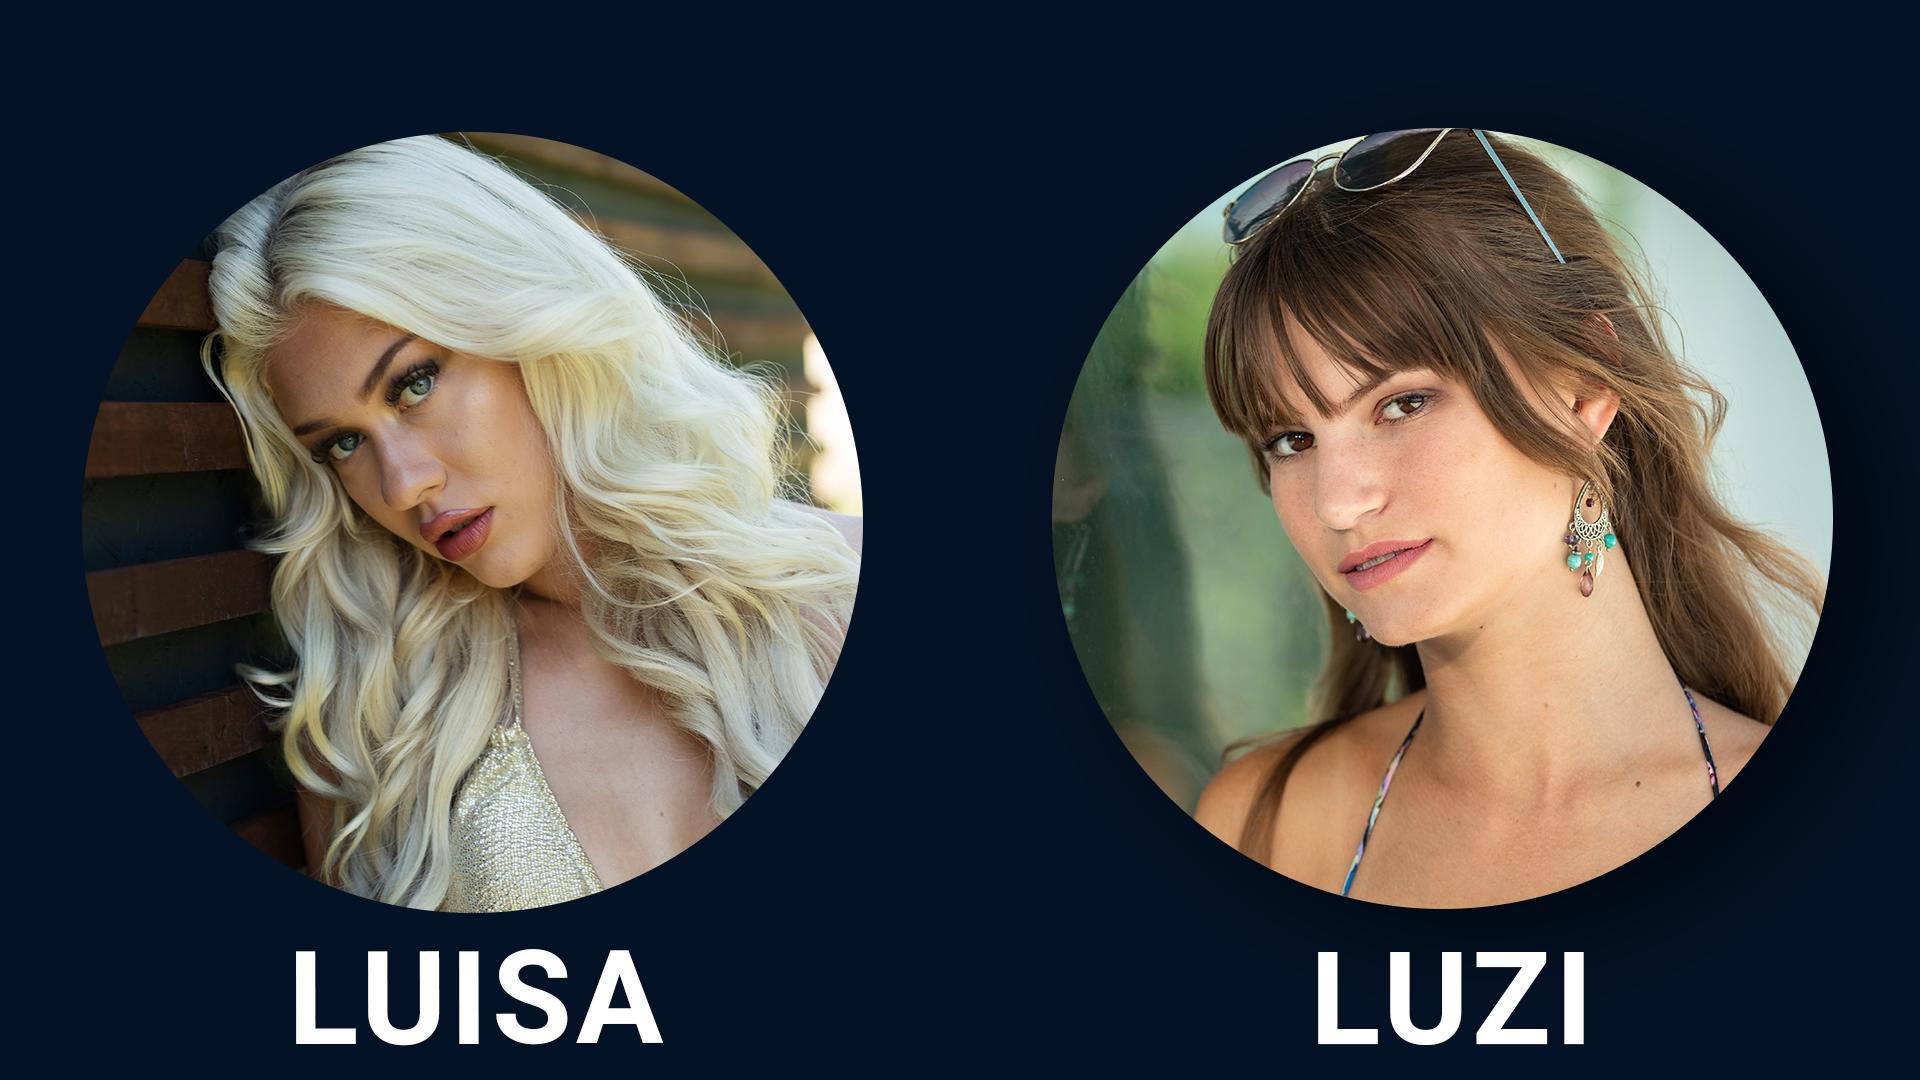 Luisa + Luzi